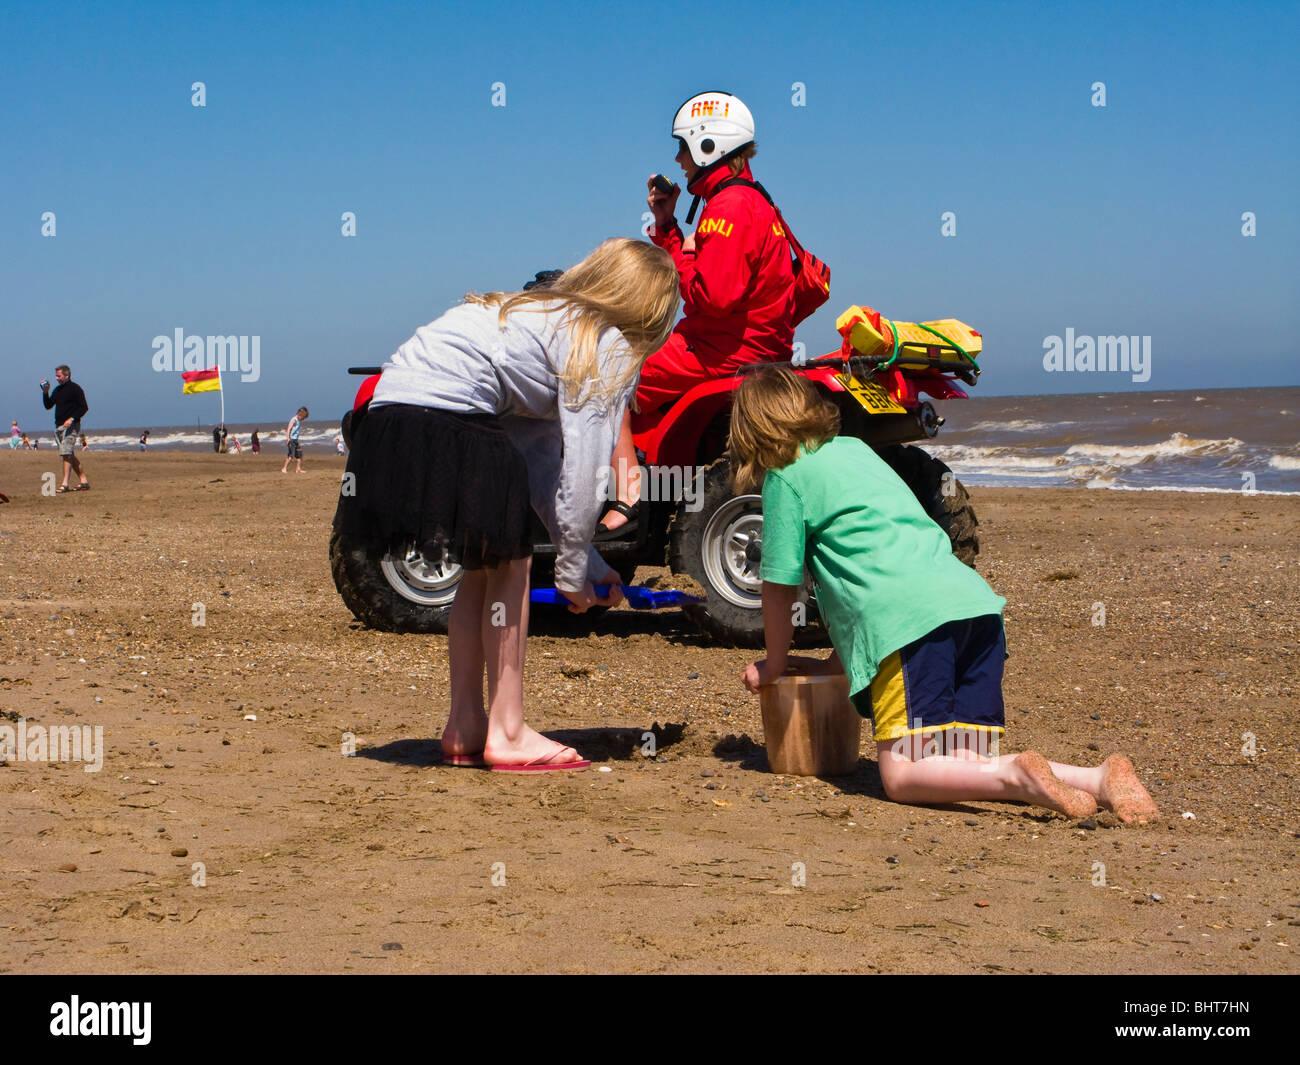 436348b7081 Lifeguard Beach Children Stock Photos   Lifeguard Beach Children ...